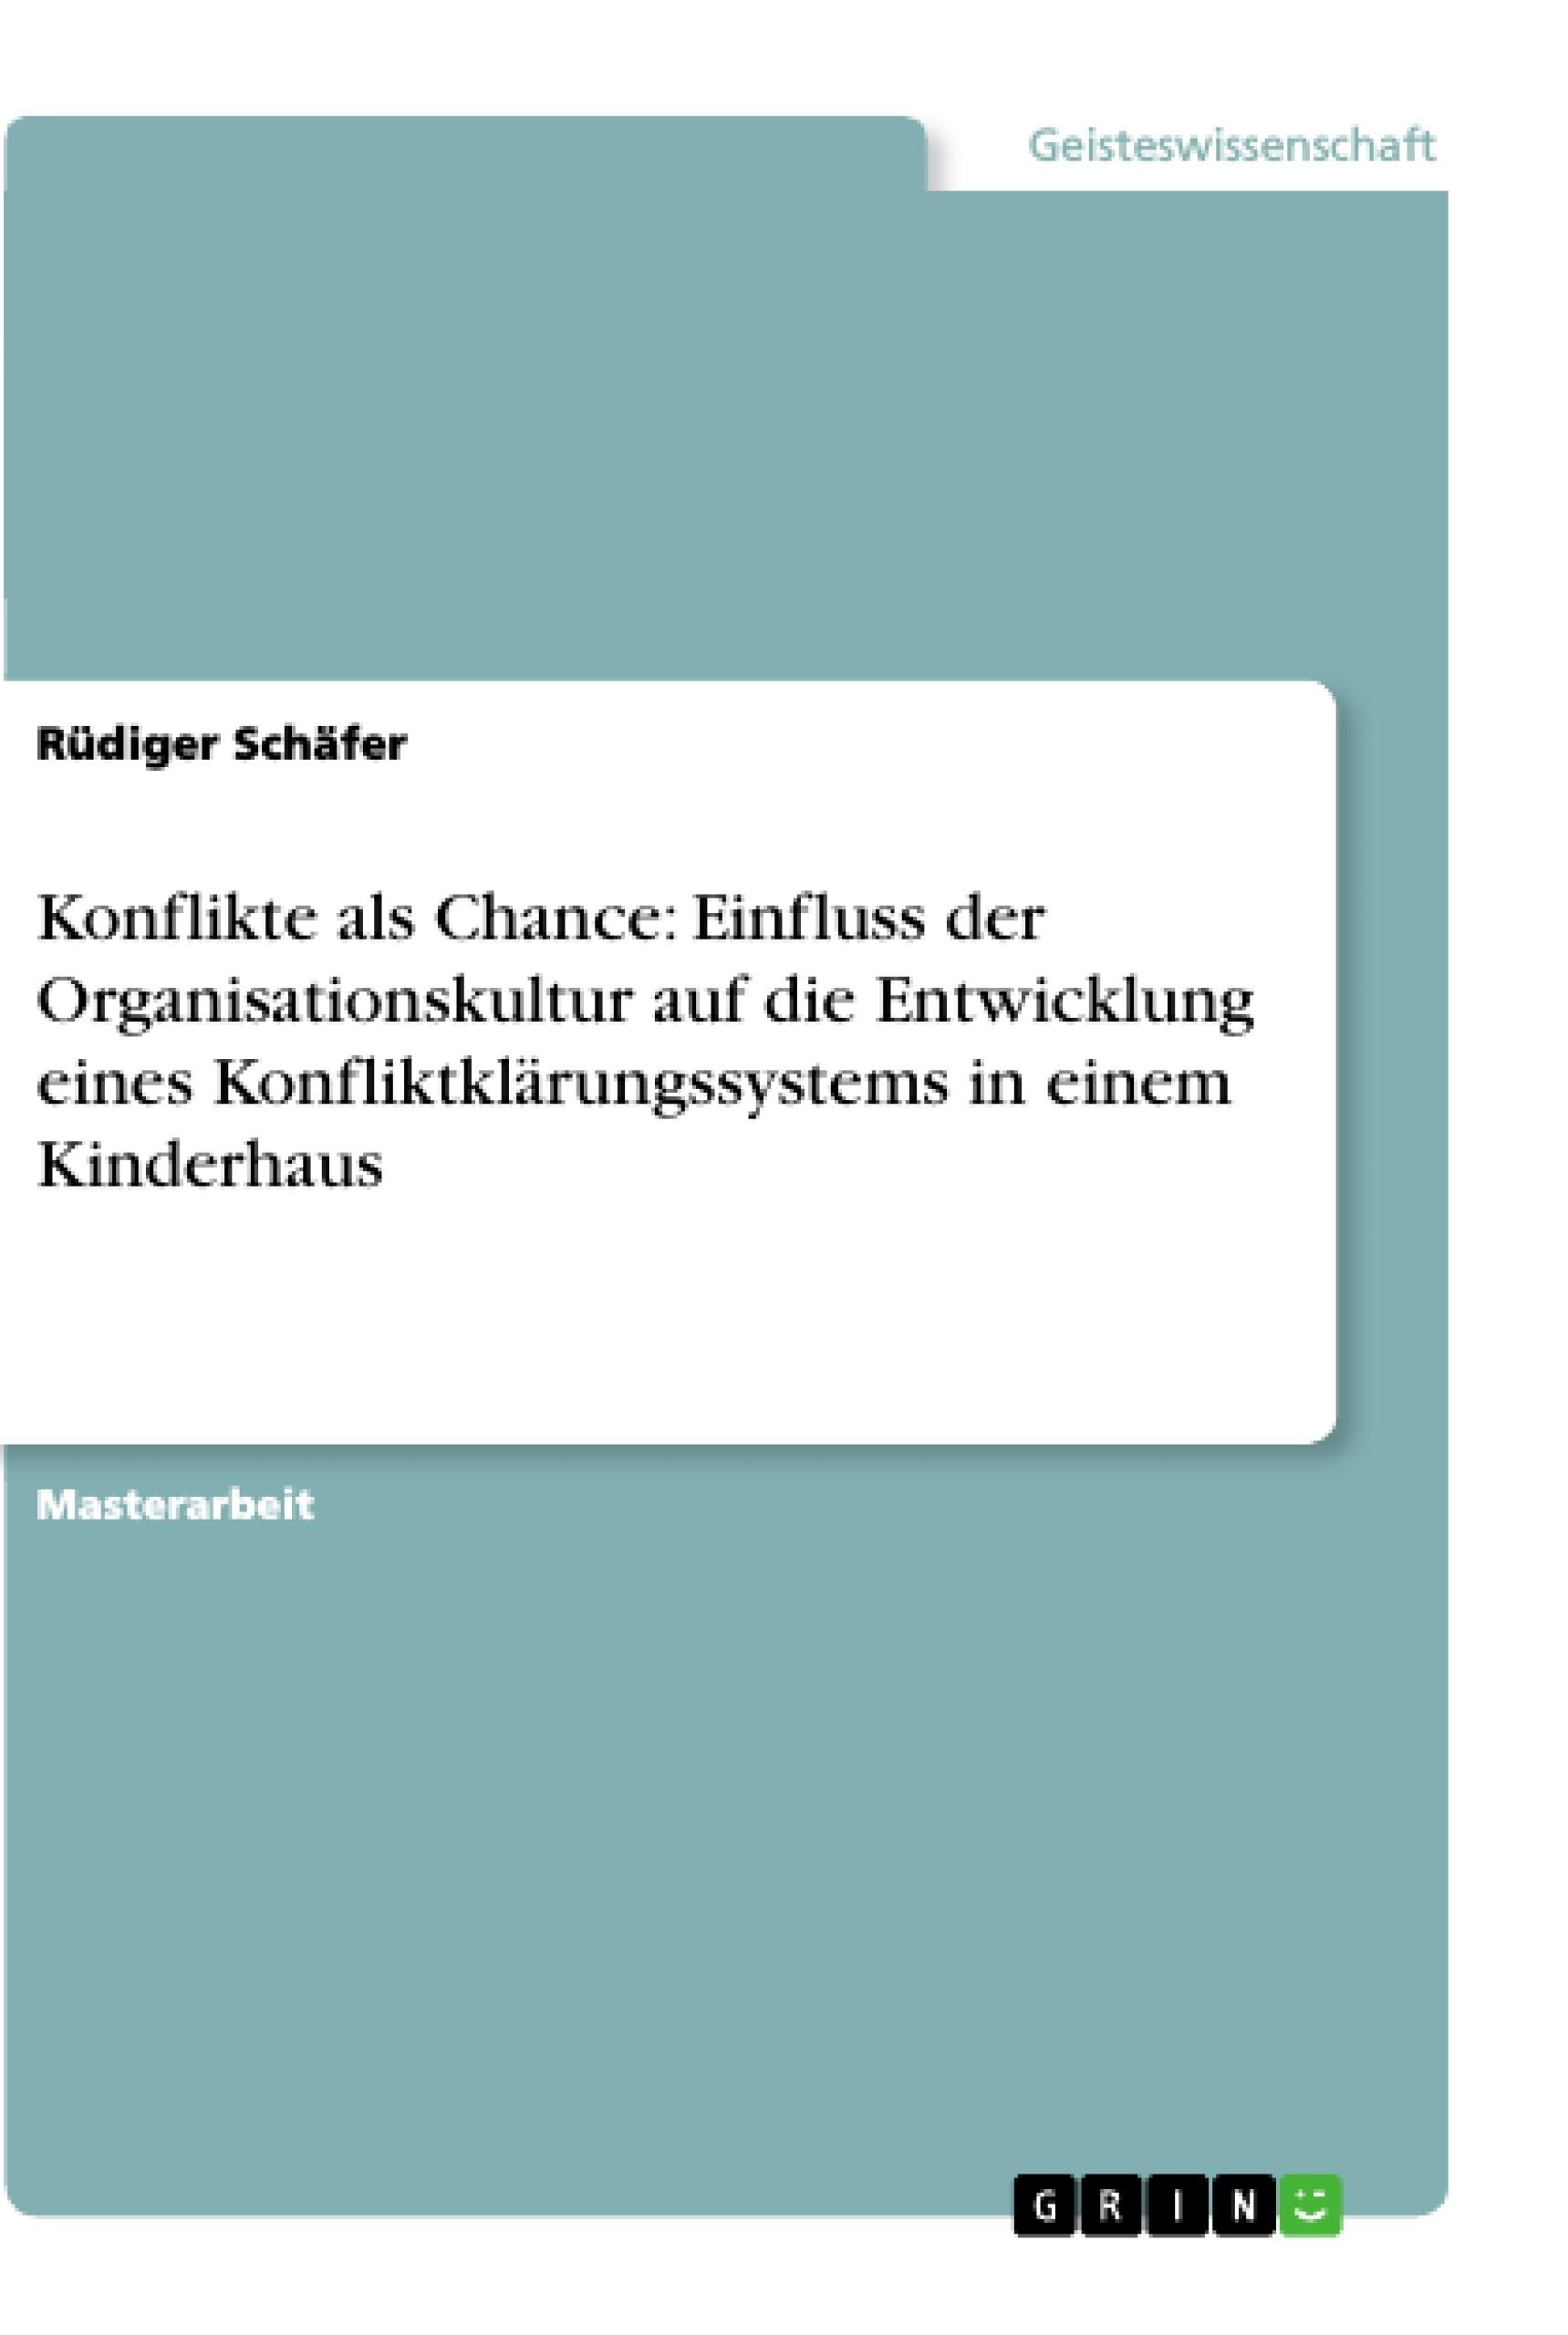 Titel: Konflikte als Chance: Einfluss der Organisationskultur auf die Entwicklung eines Konfliktklärungssystems in einem Kinderhaus